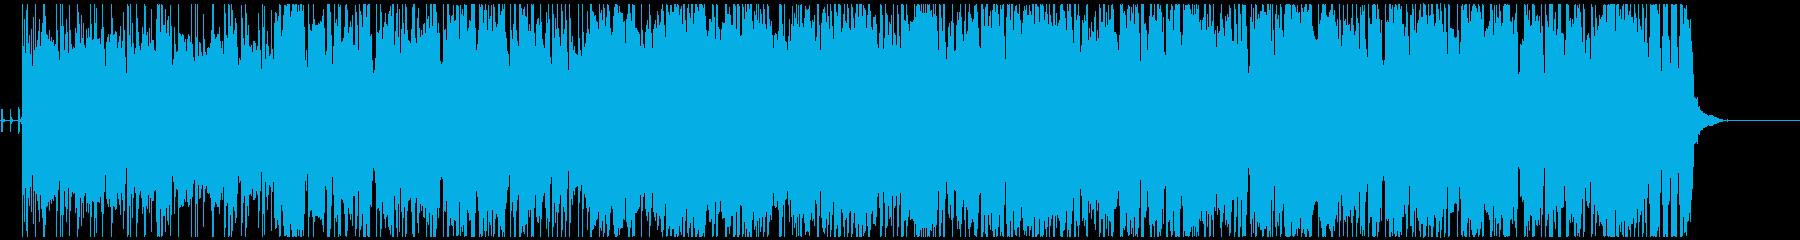 明るくカラッとした感じのロックインストの再生済みの波形